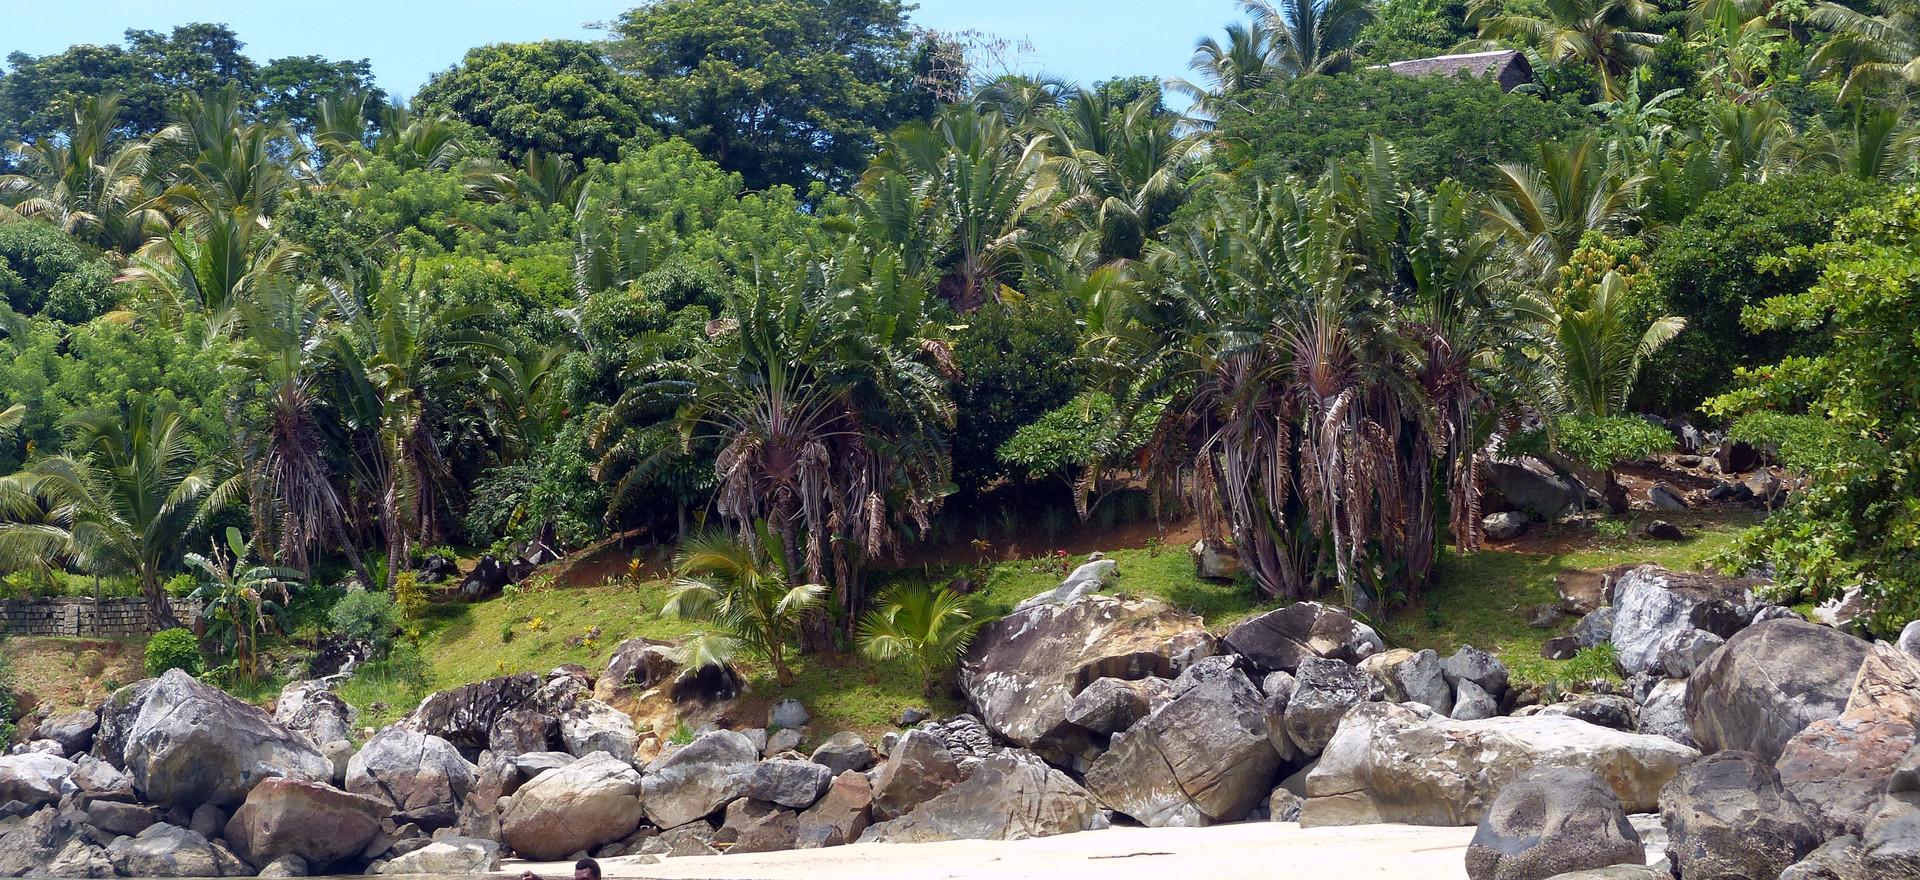 Tour de l'île - Floraly Komba